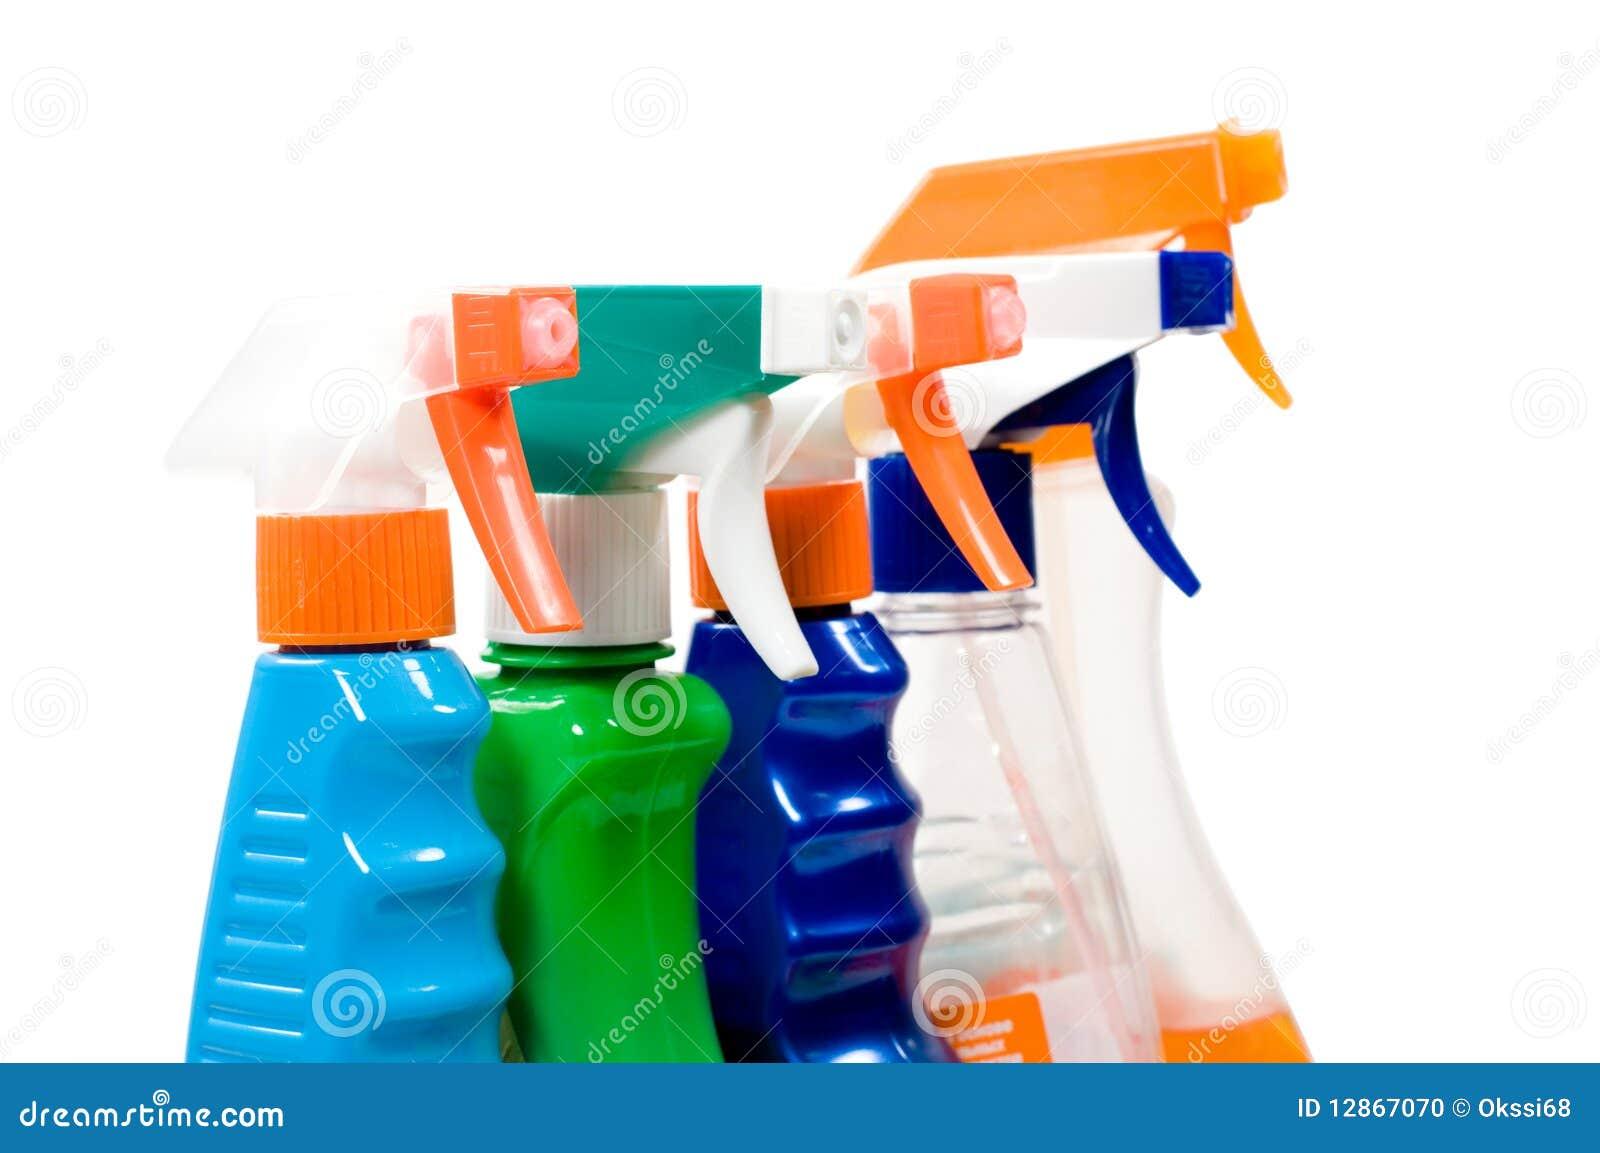 Reeks nevels voor het schoonmaken.